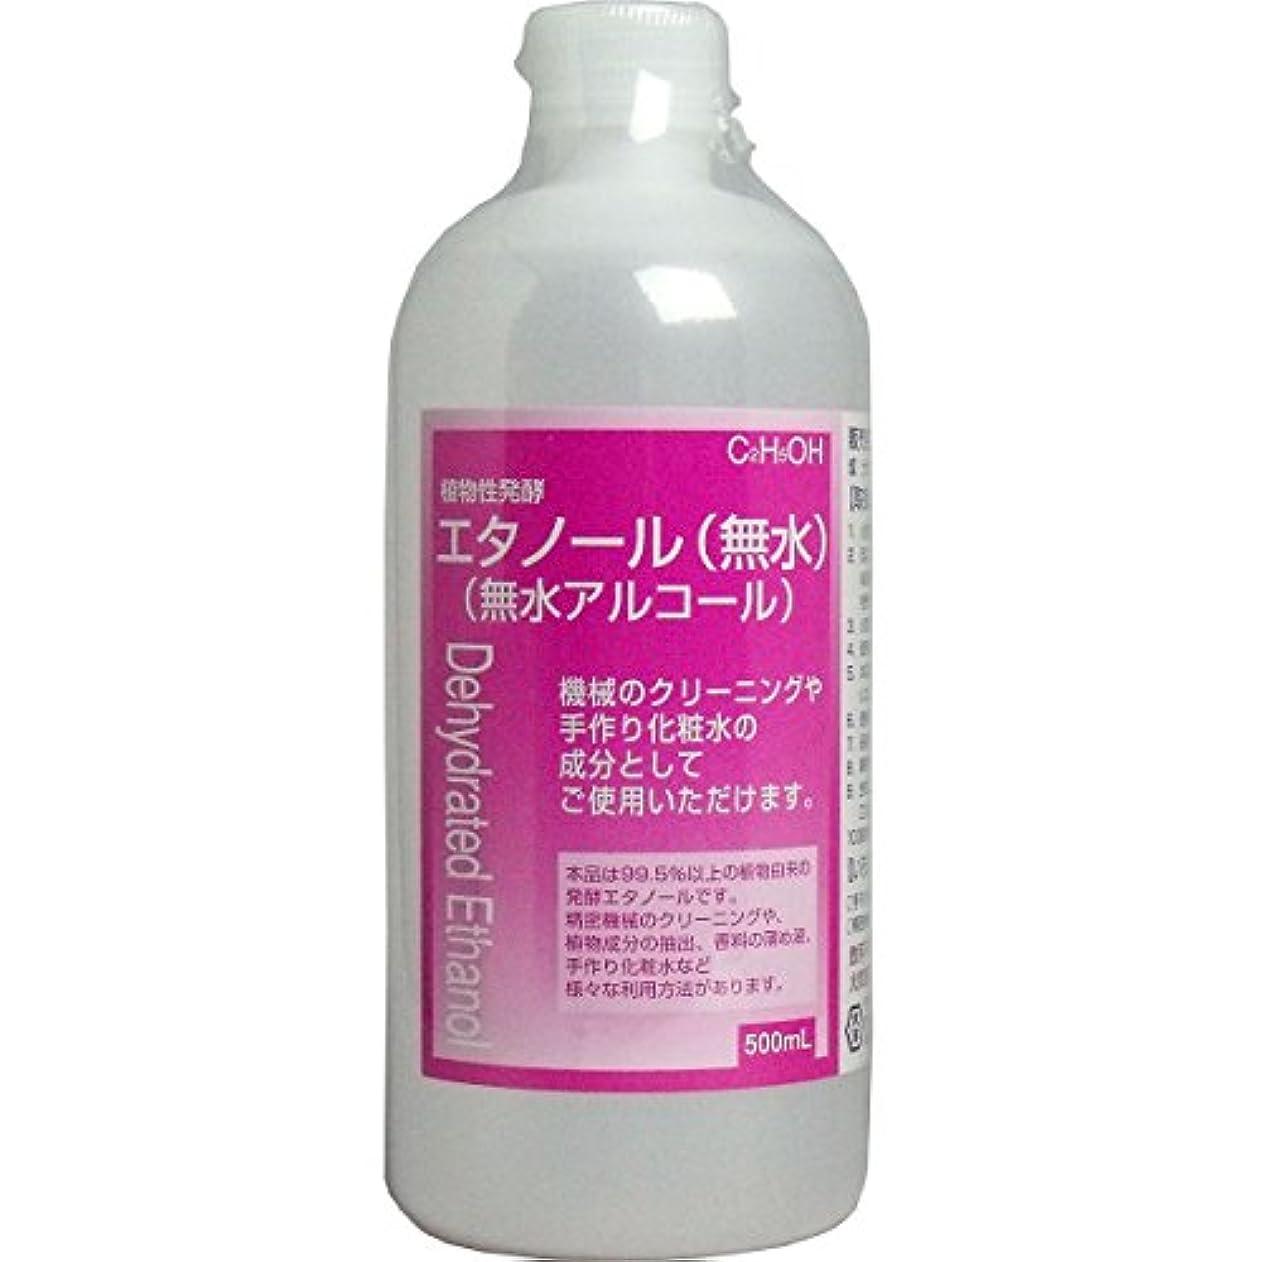 花輪長いです爵手作り化粧水に 植物性発酵エタノール(無水エタノール) 500mL 2本セット